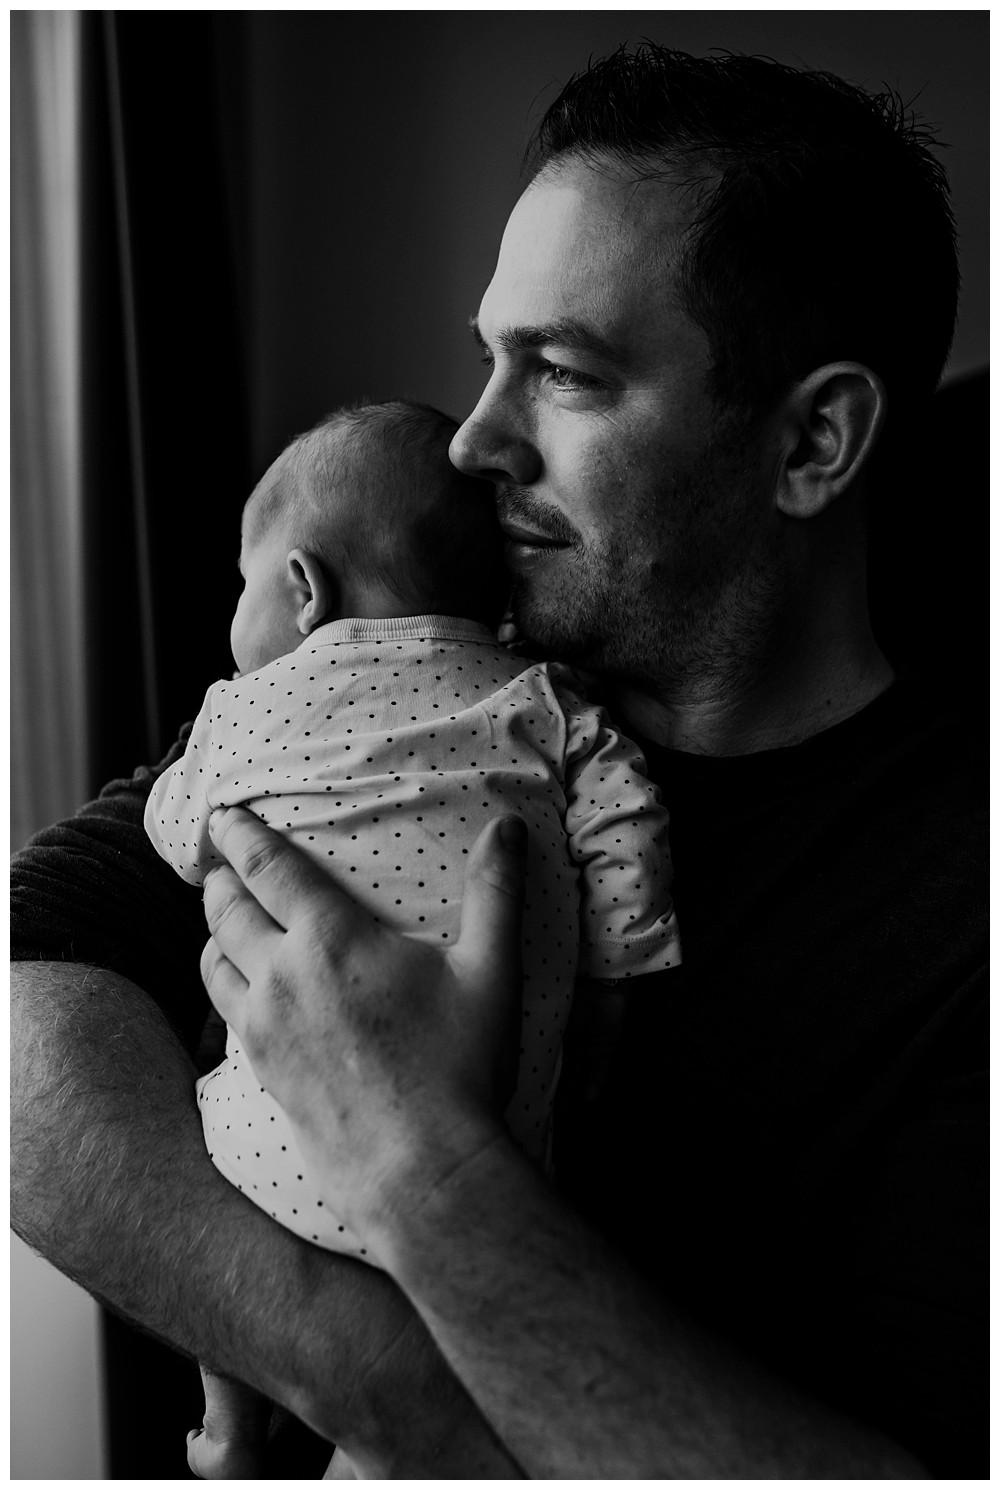 Oh-Belle_blog_Newbornshoot-Voorthuizen_Fotograaf-Voorthuizen_Newborn_0022 Newborn shoot Voorthuizen